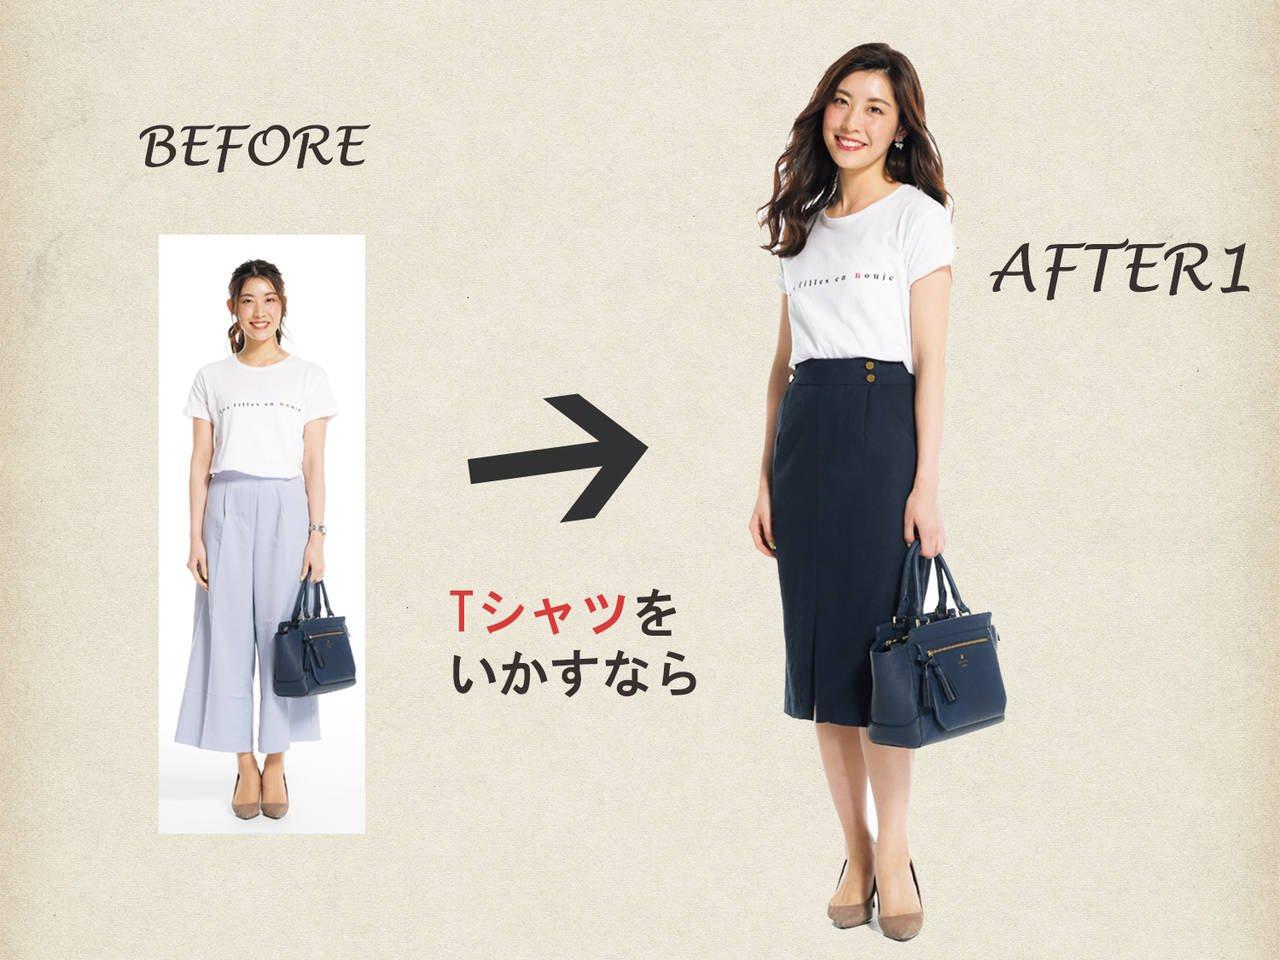 ANSWER >> Tシャツかパンツ、どちらかを替えればOK!